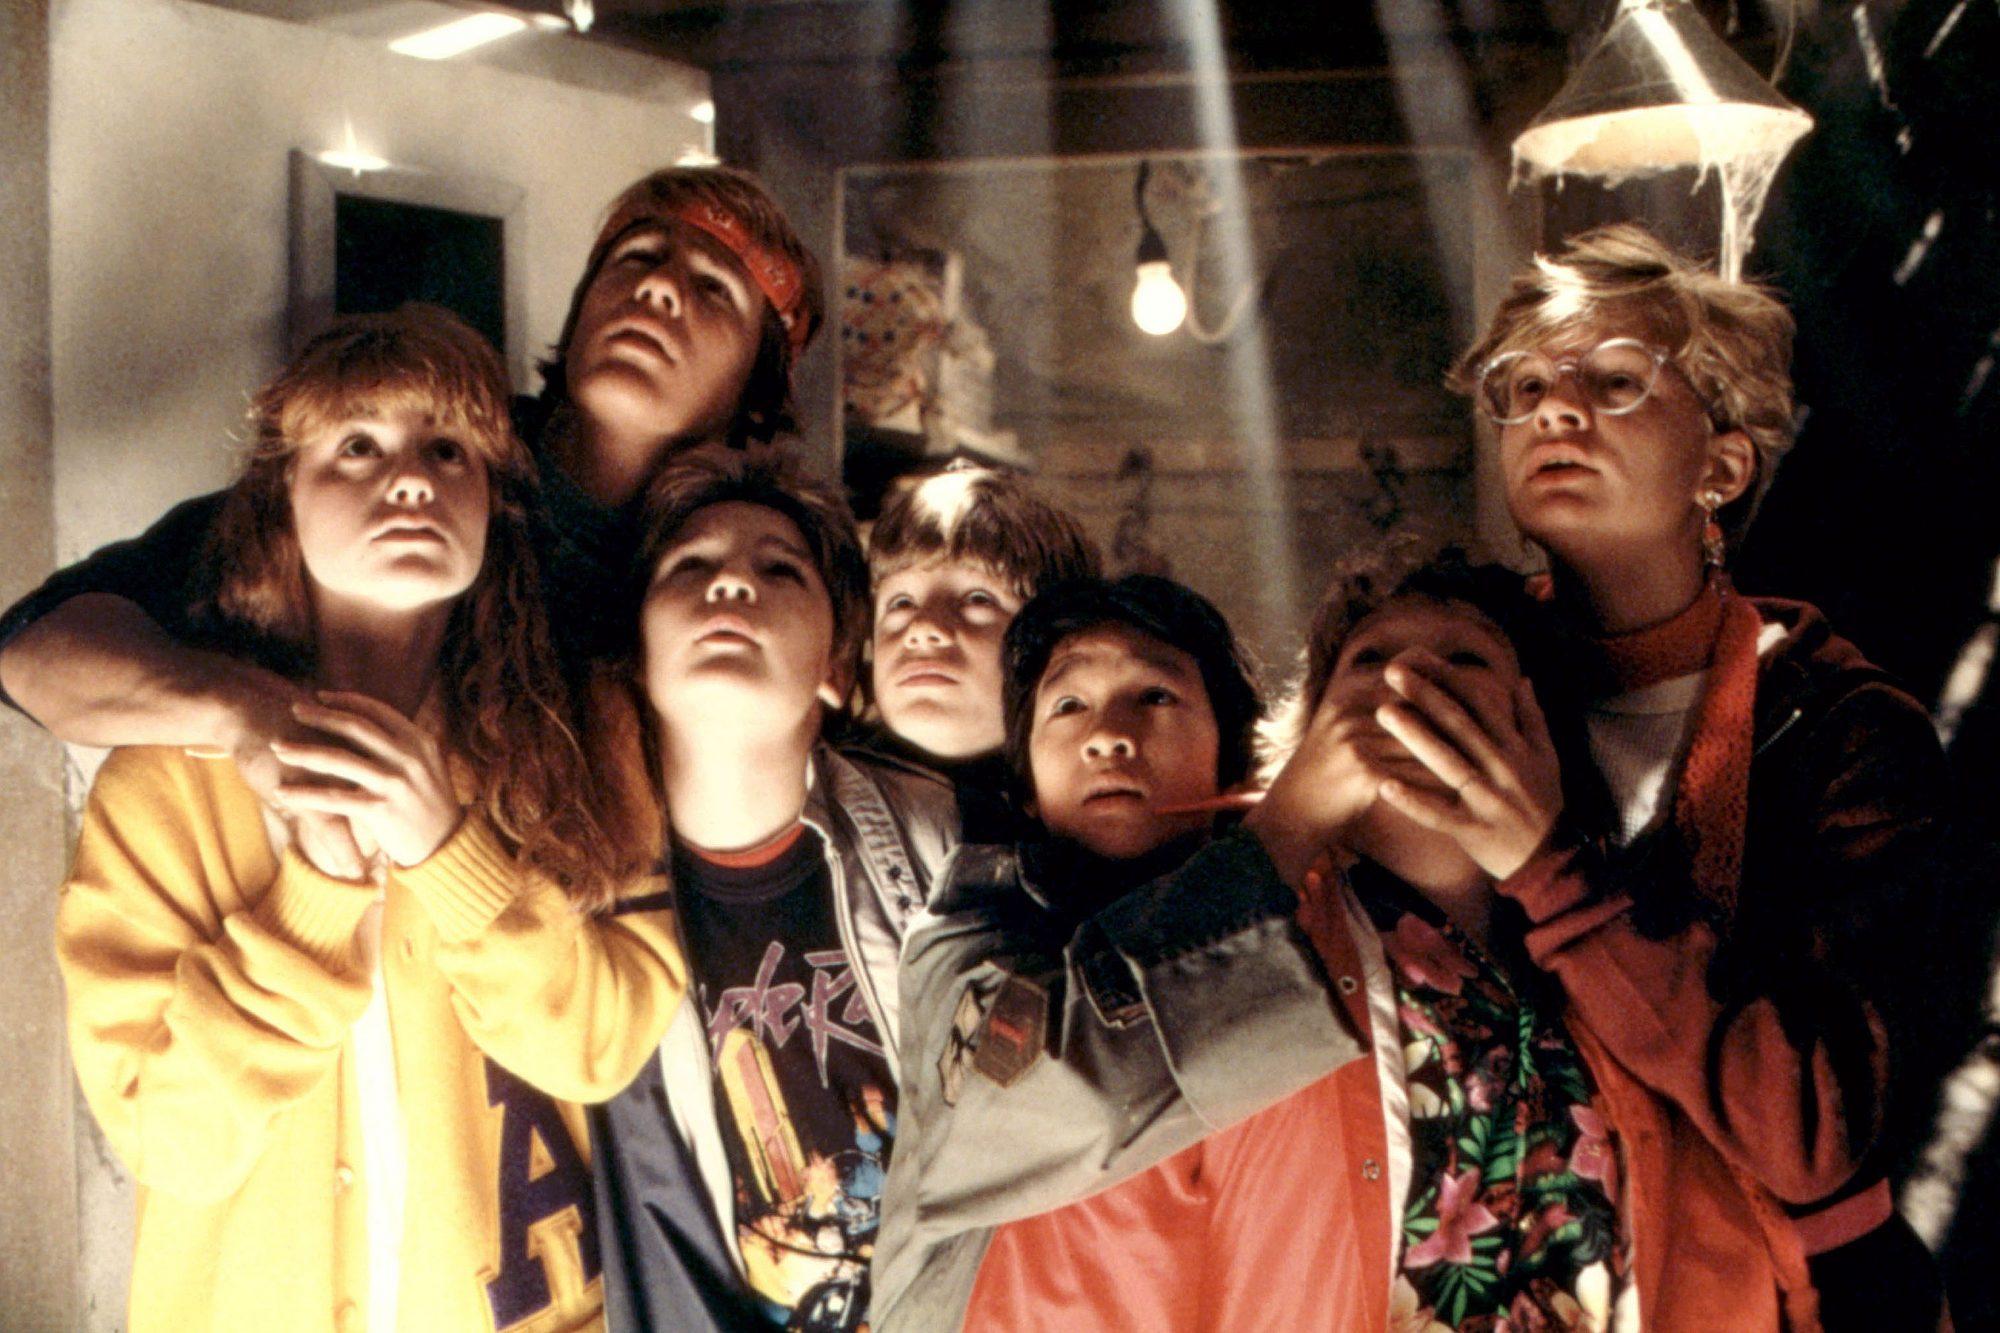 THE GOONIES, Kerri Green, Josh Brolin, Corey Feldman, Sean Astin, Ke Huy Quan (aka Jonathan Ke Quan)